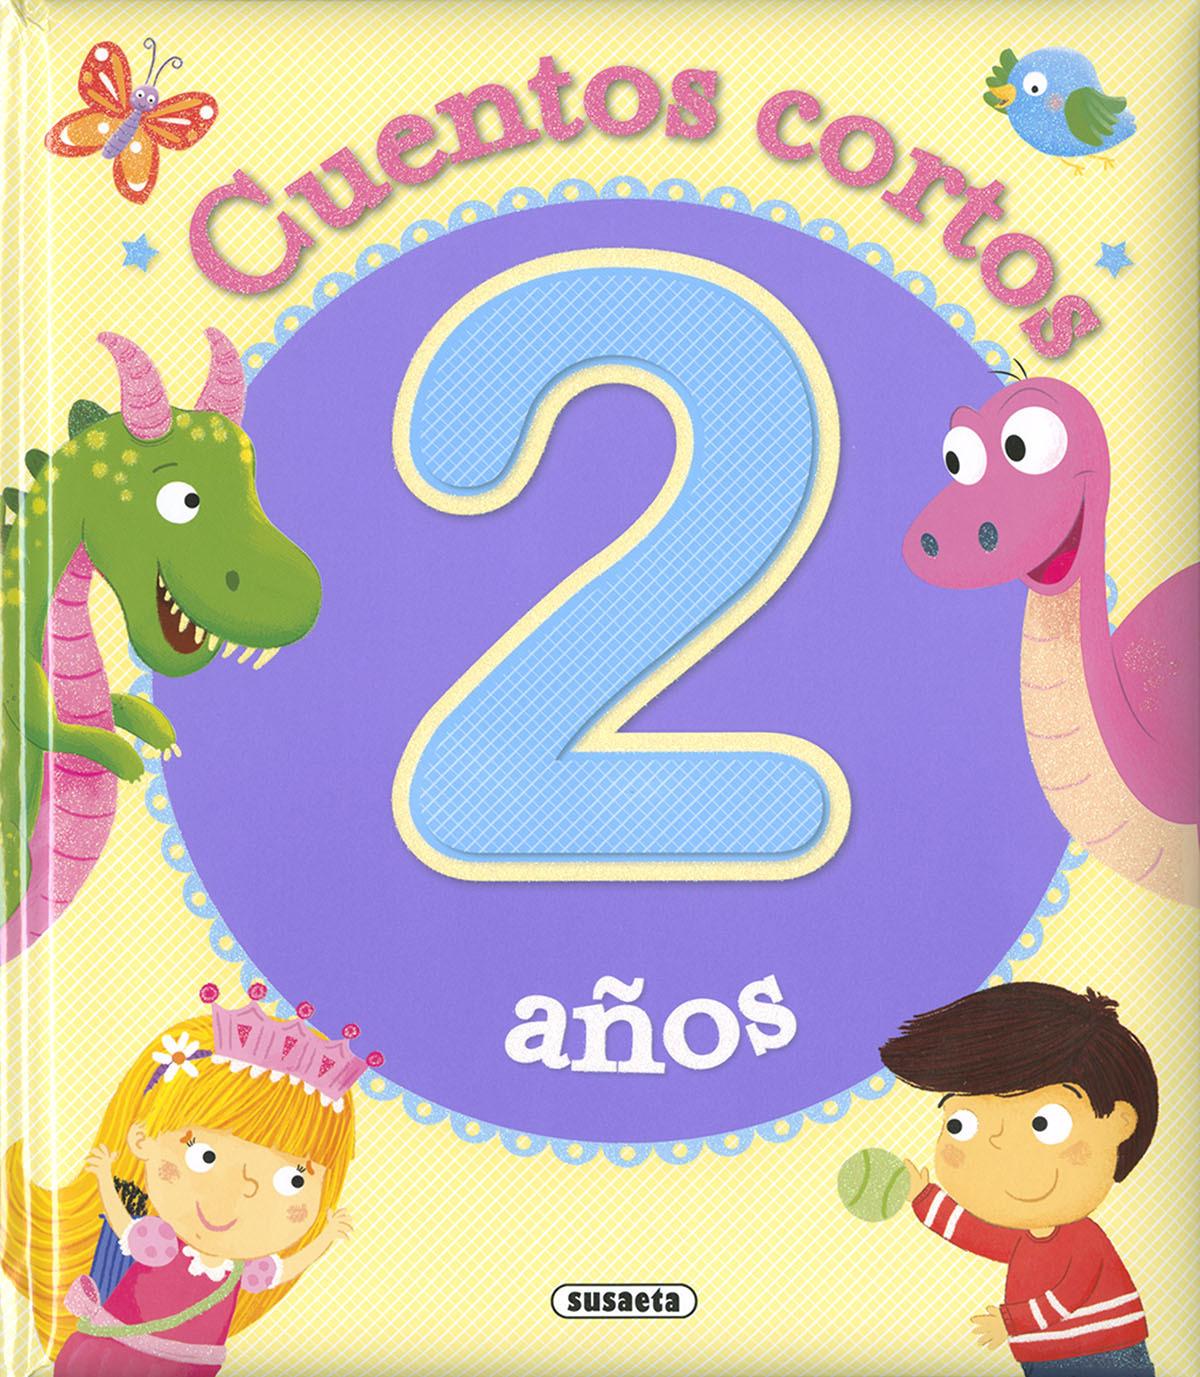 CUENTOS CORTOS PARA 2 AñOS 9788467768770